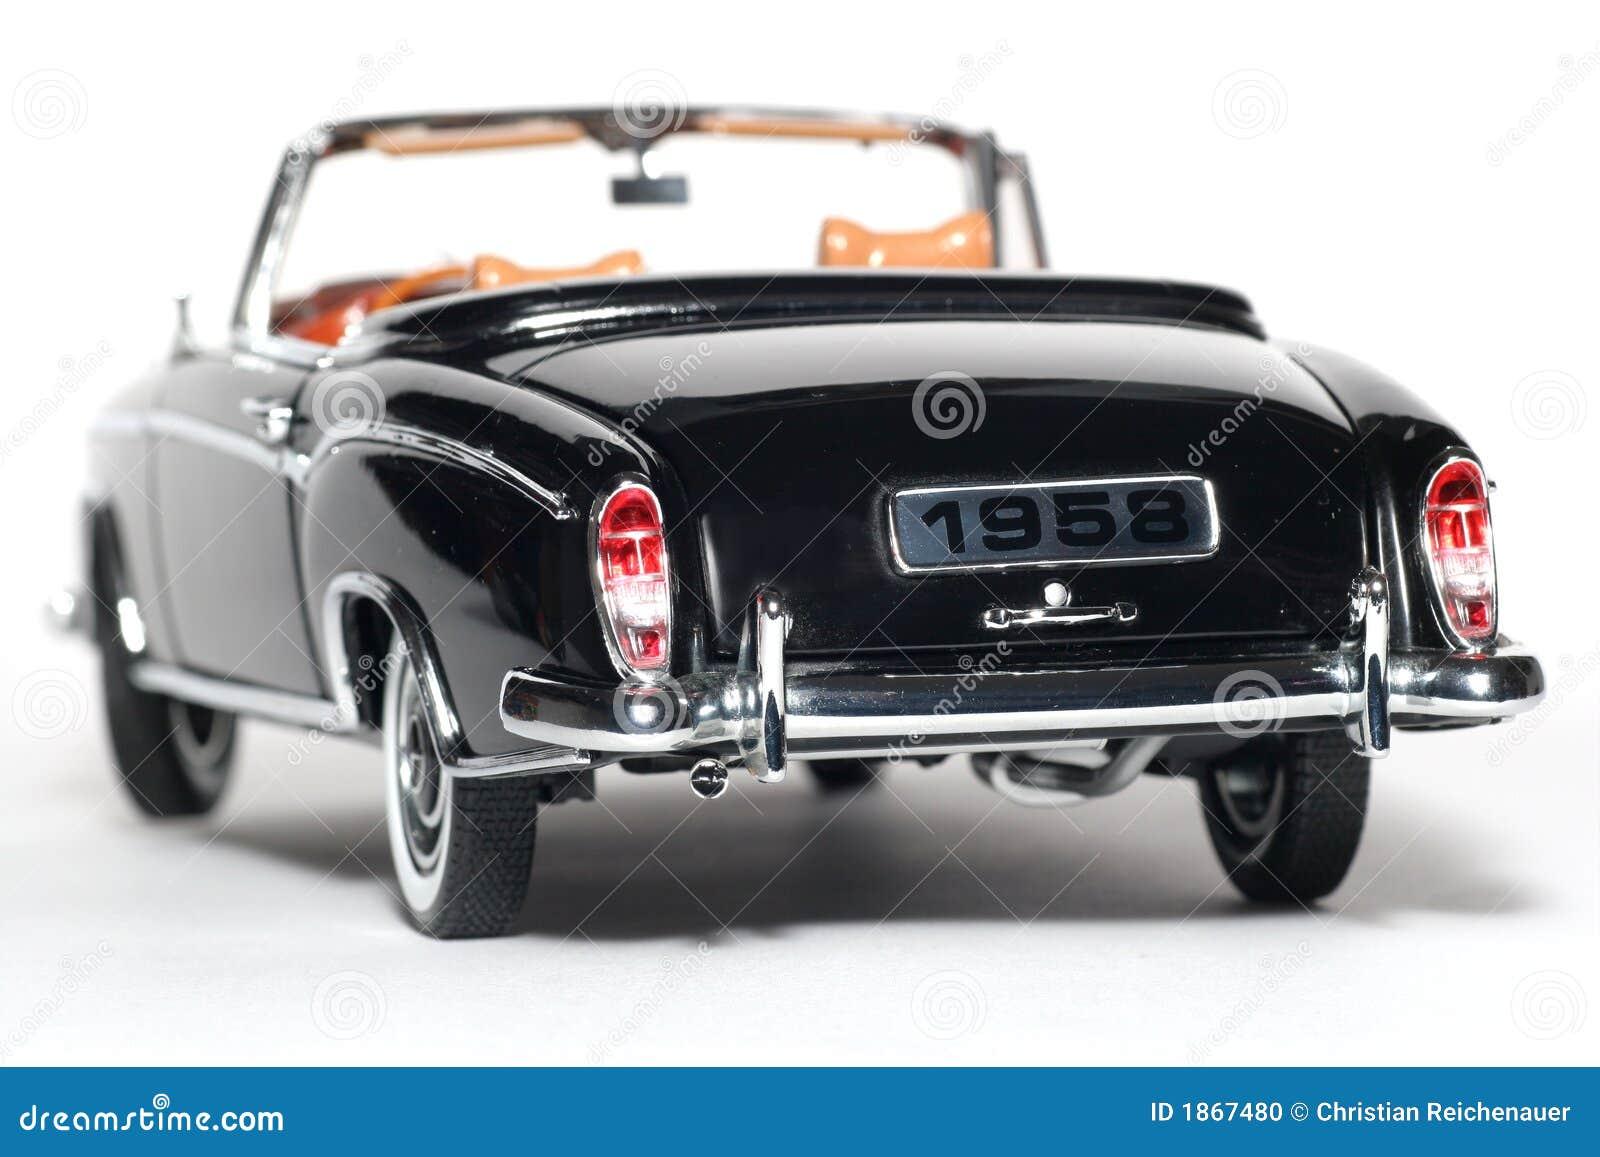 Se Dos En De D'échelle Métal Mercedes 1958 Jouet Voiture yvOPnNwm80